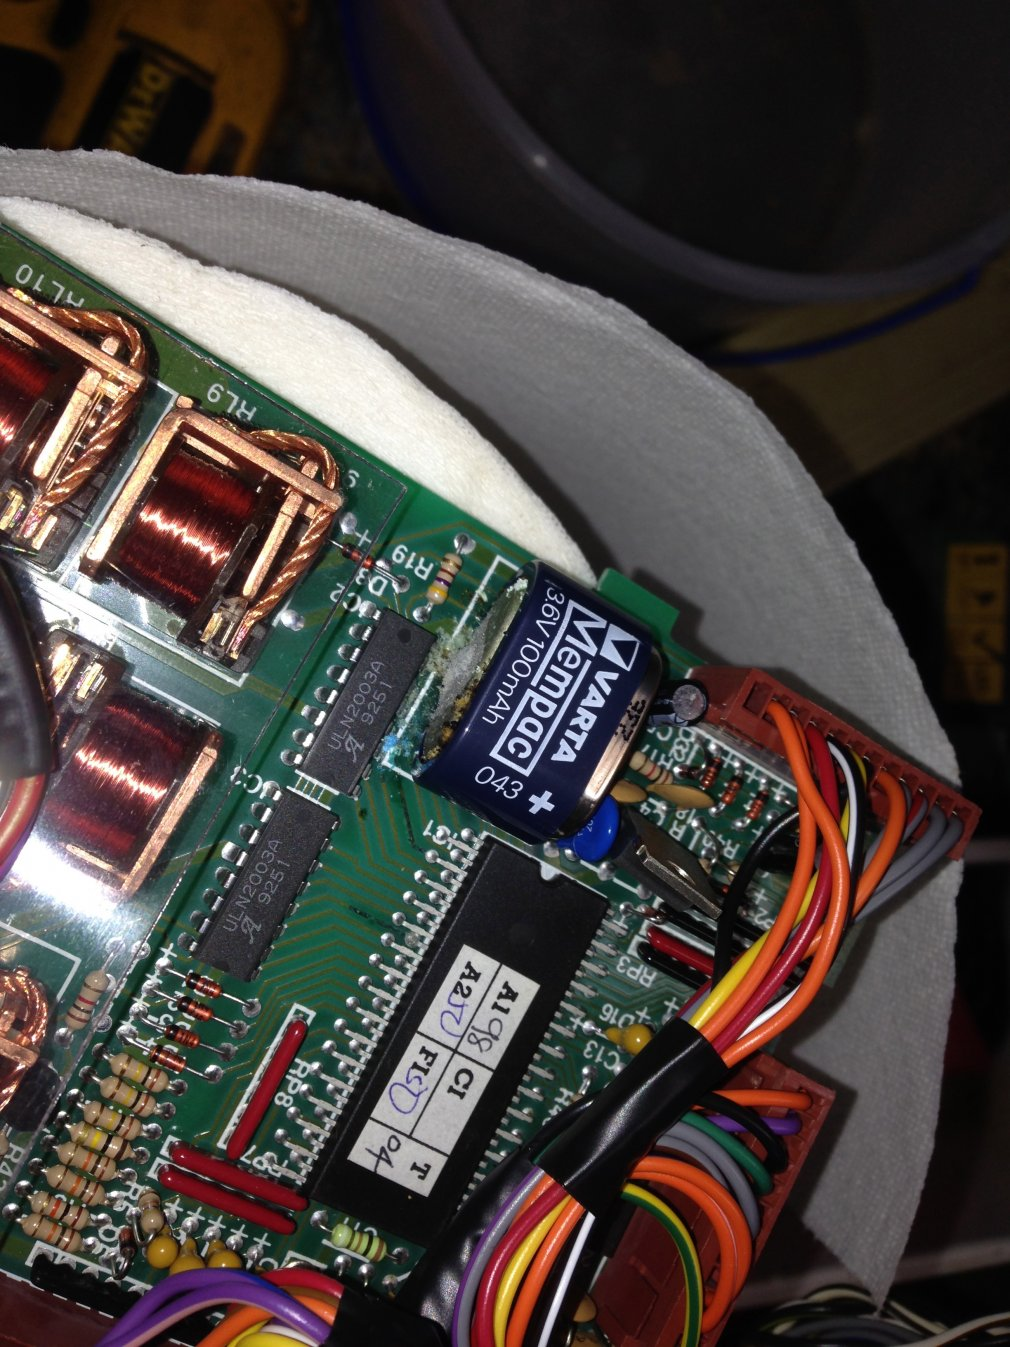 Driver Seat Ecu repair DIY replacing 3.6V battery-img_2480.jpg